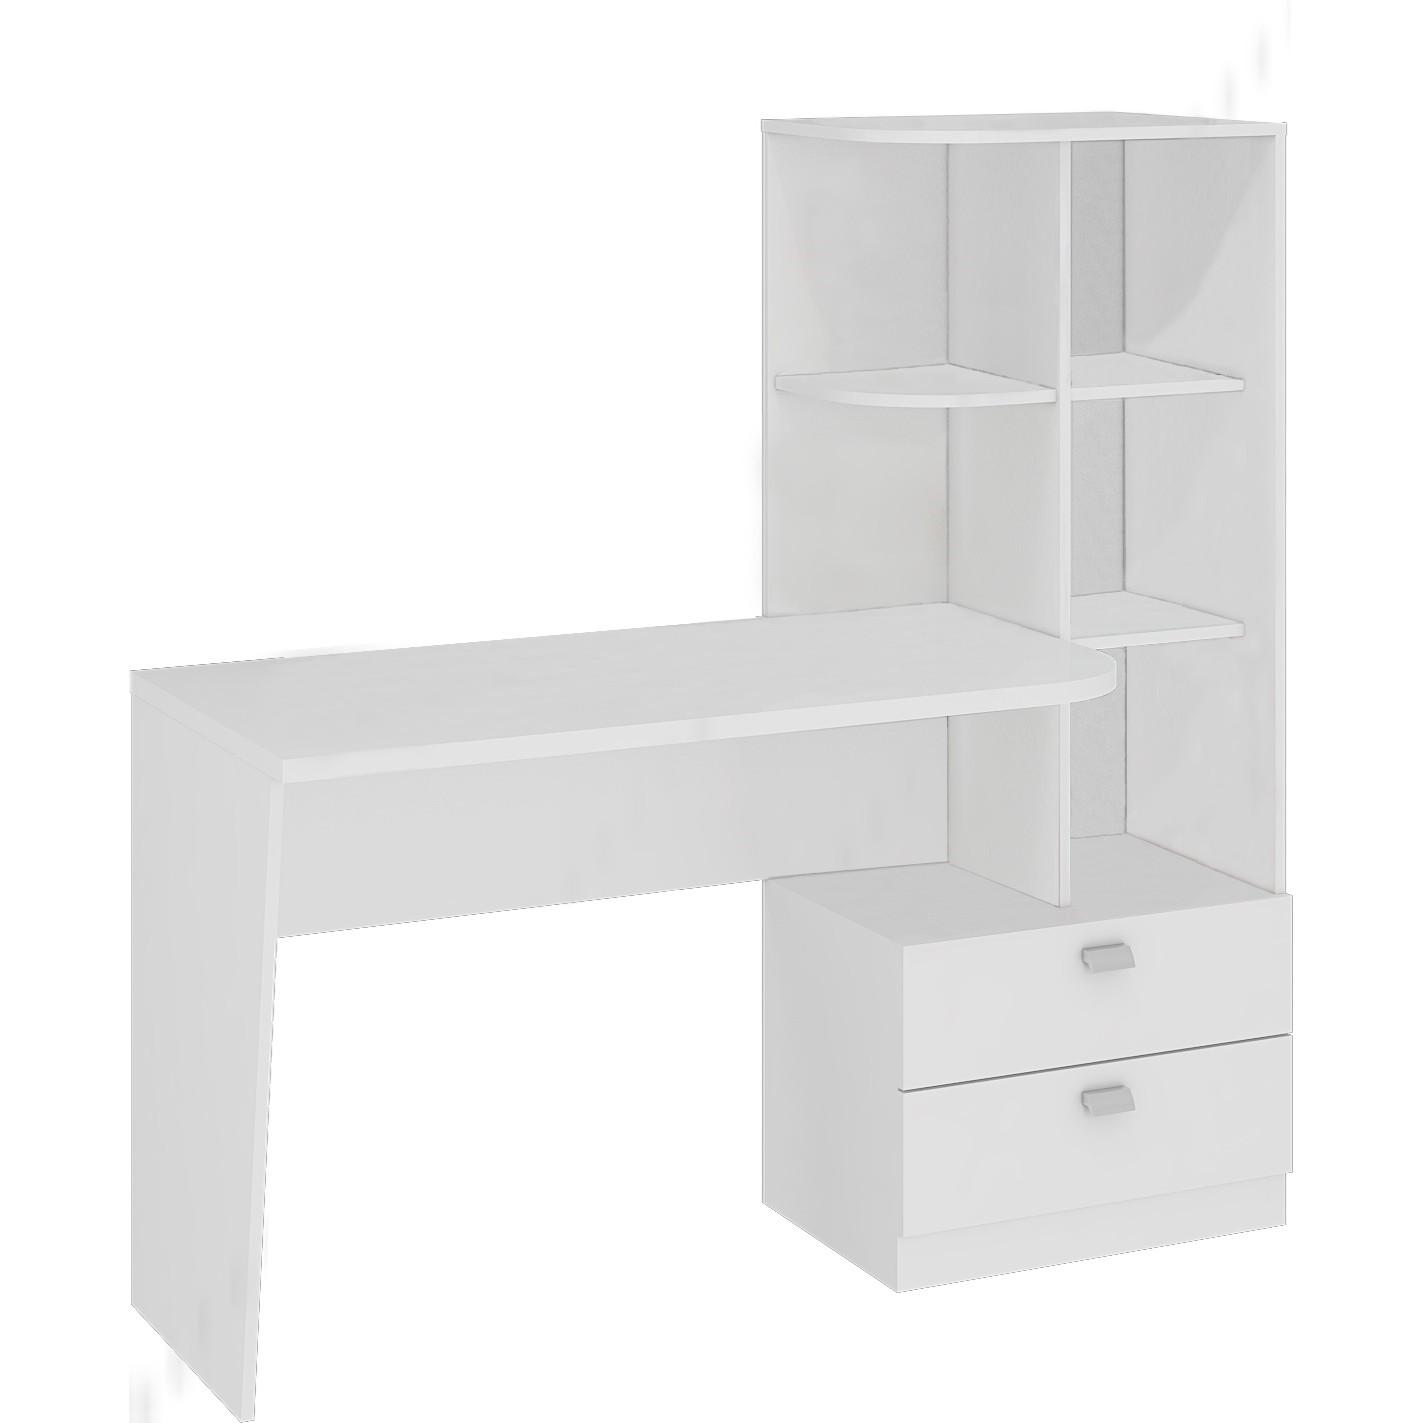 Mesa para Computador 2 Gavetas Elisa Branca 134cm - Permobili